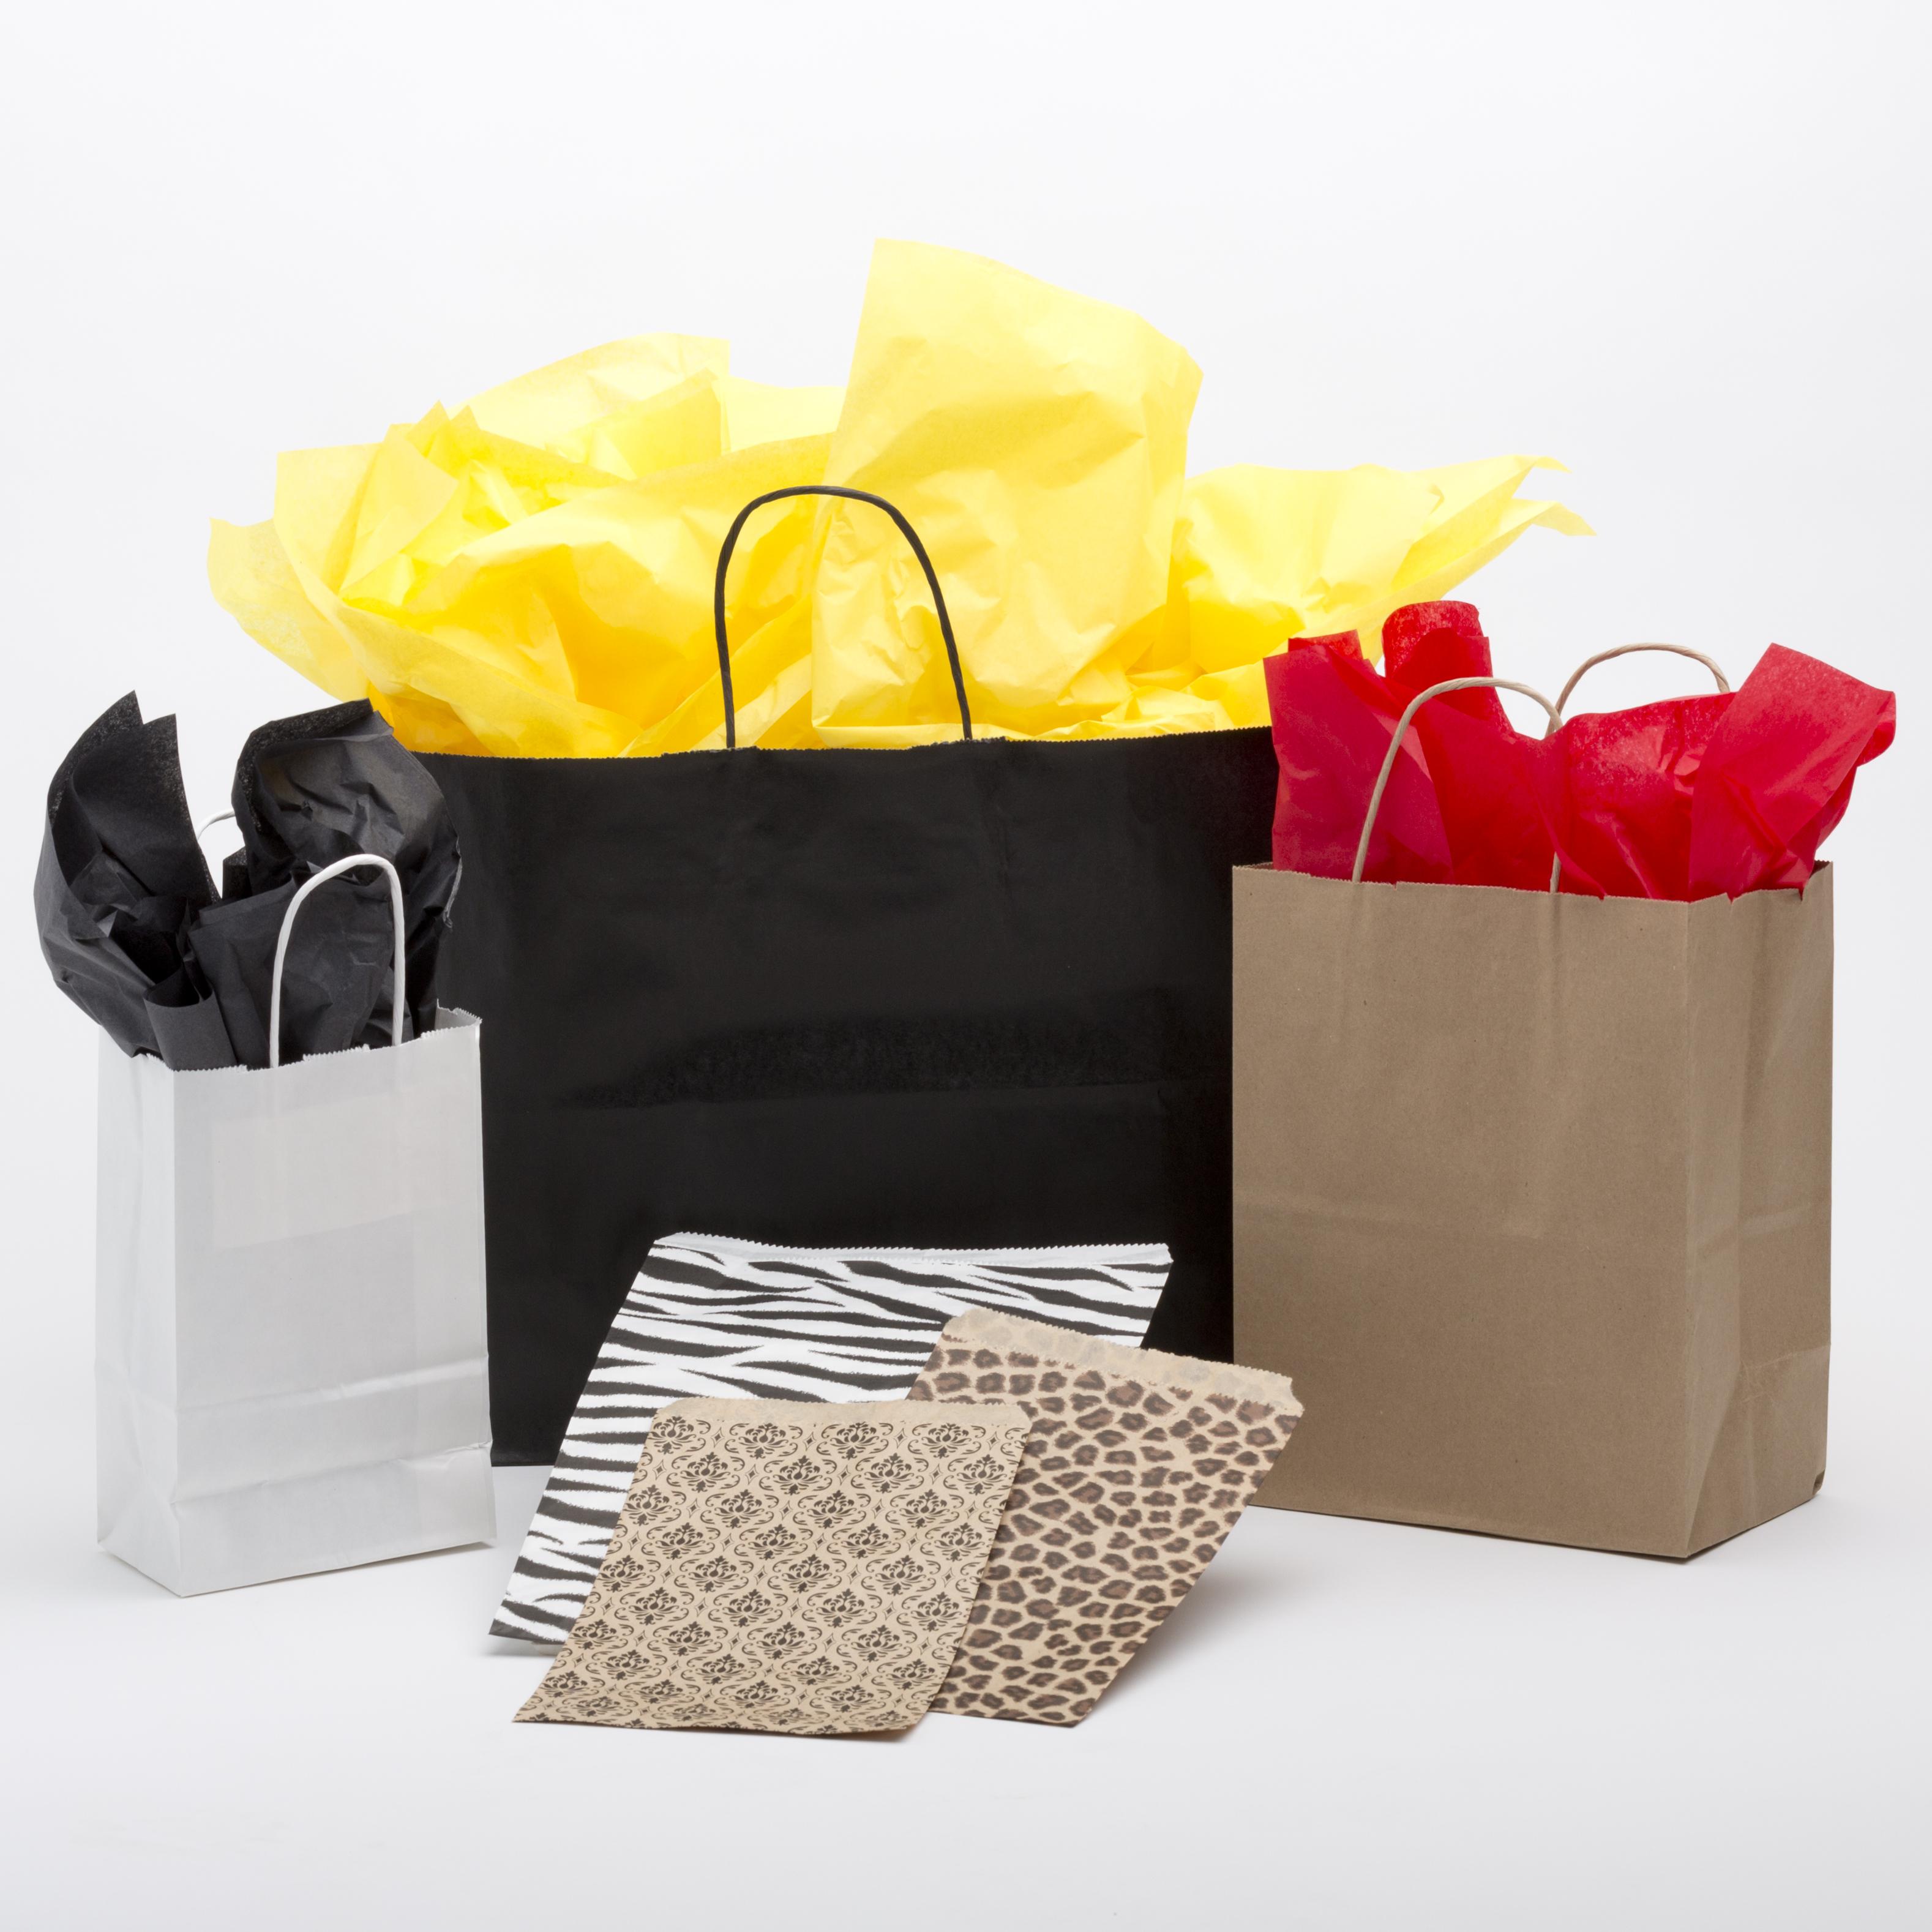 Bags (Plastic, Paper & Zip Lock)